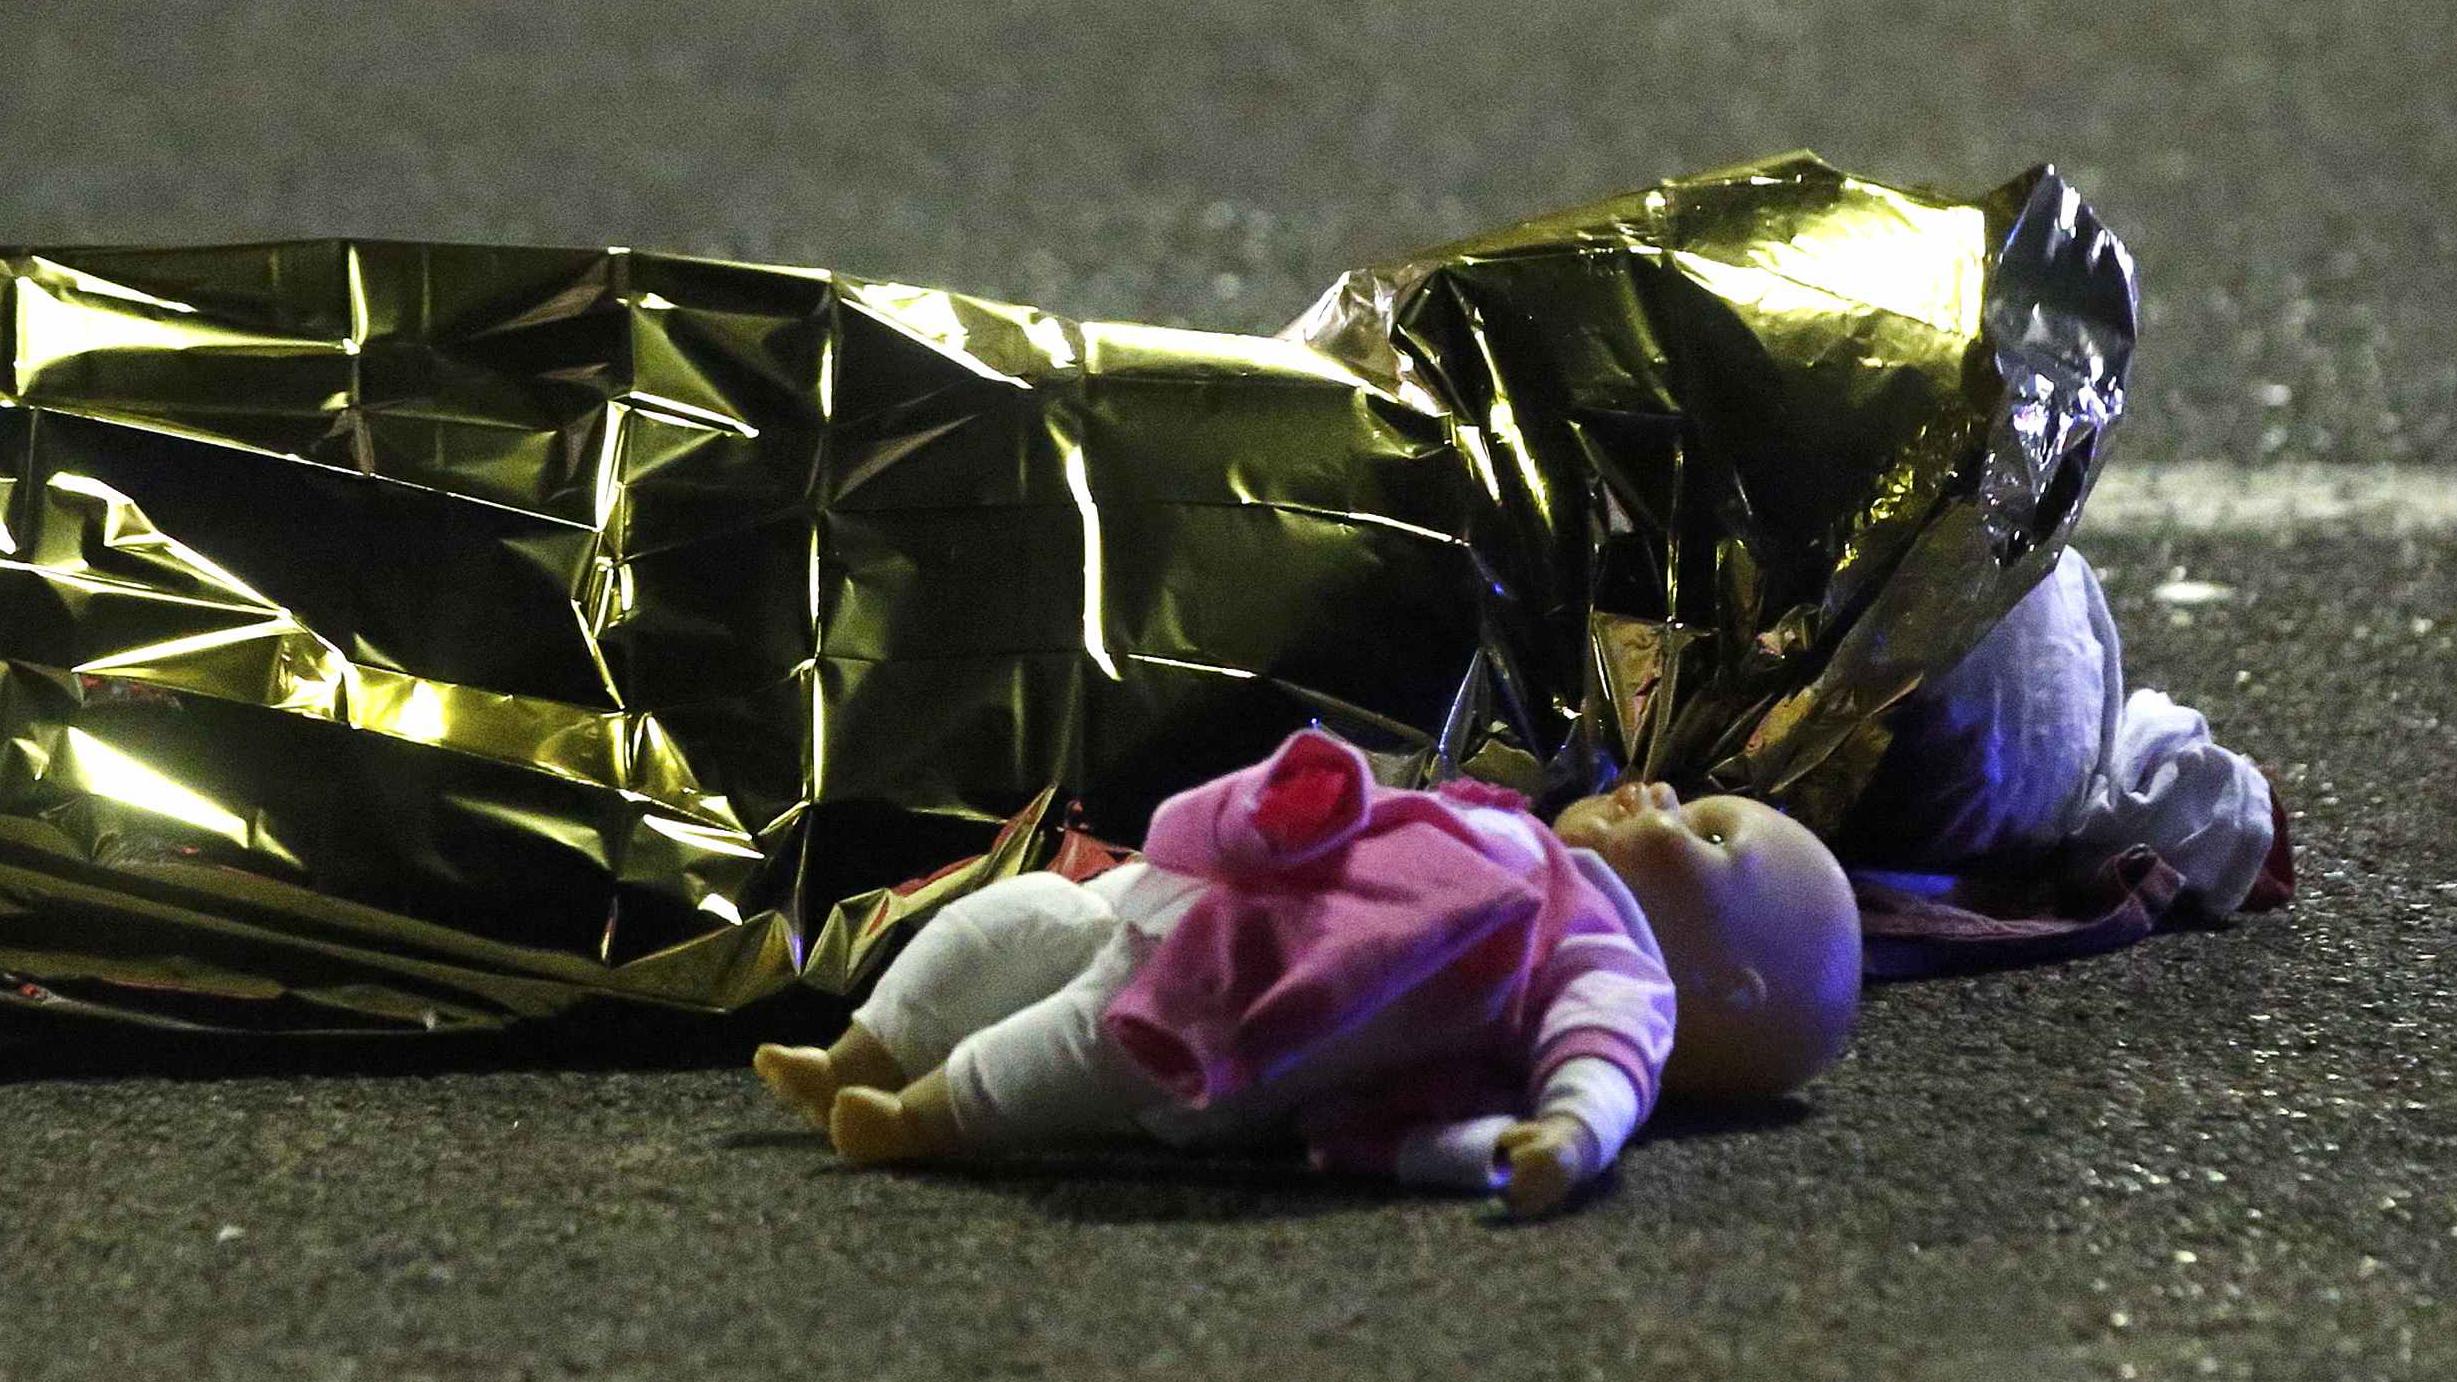 Trong số nạn nhânc ó nhiều trẻ em. Ảnh: Reuters